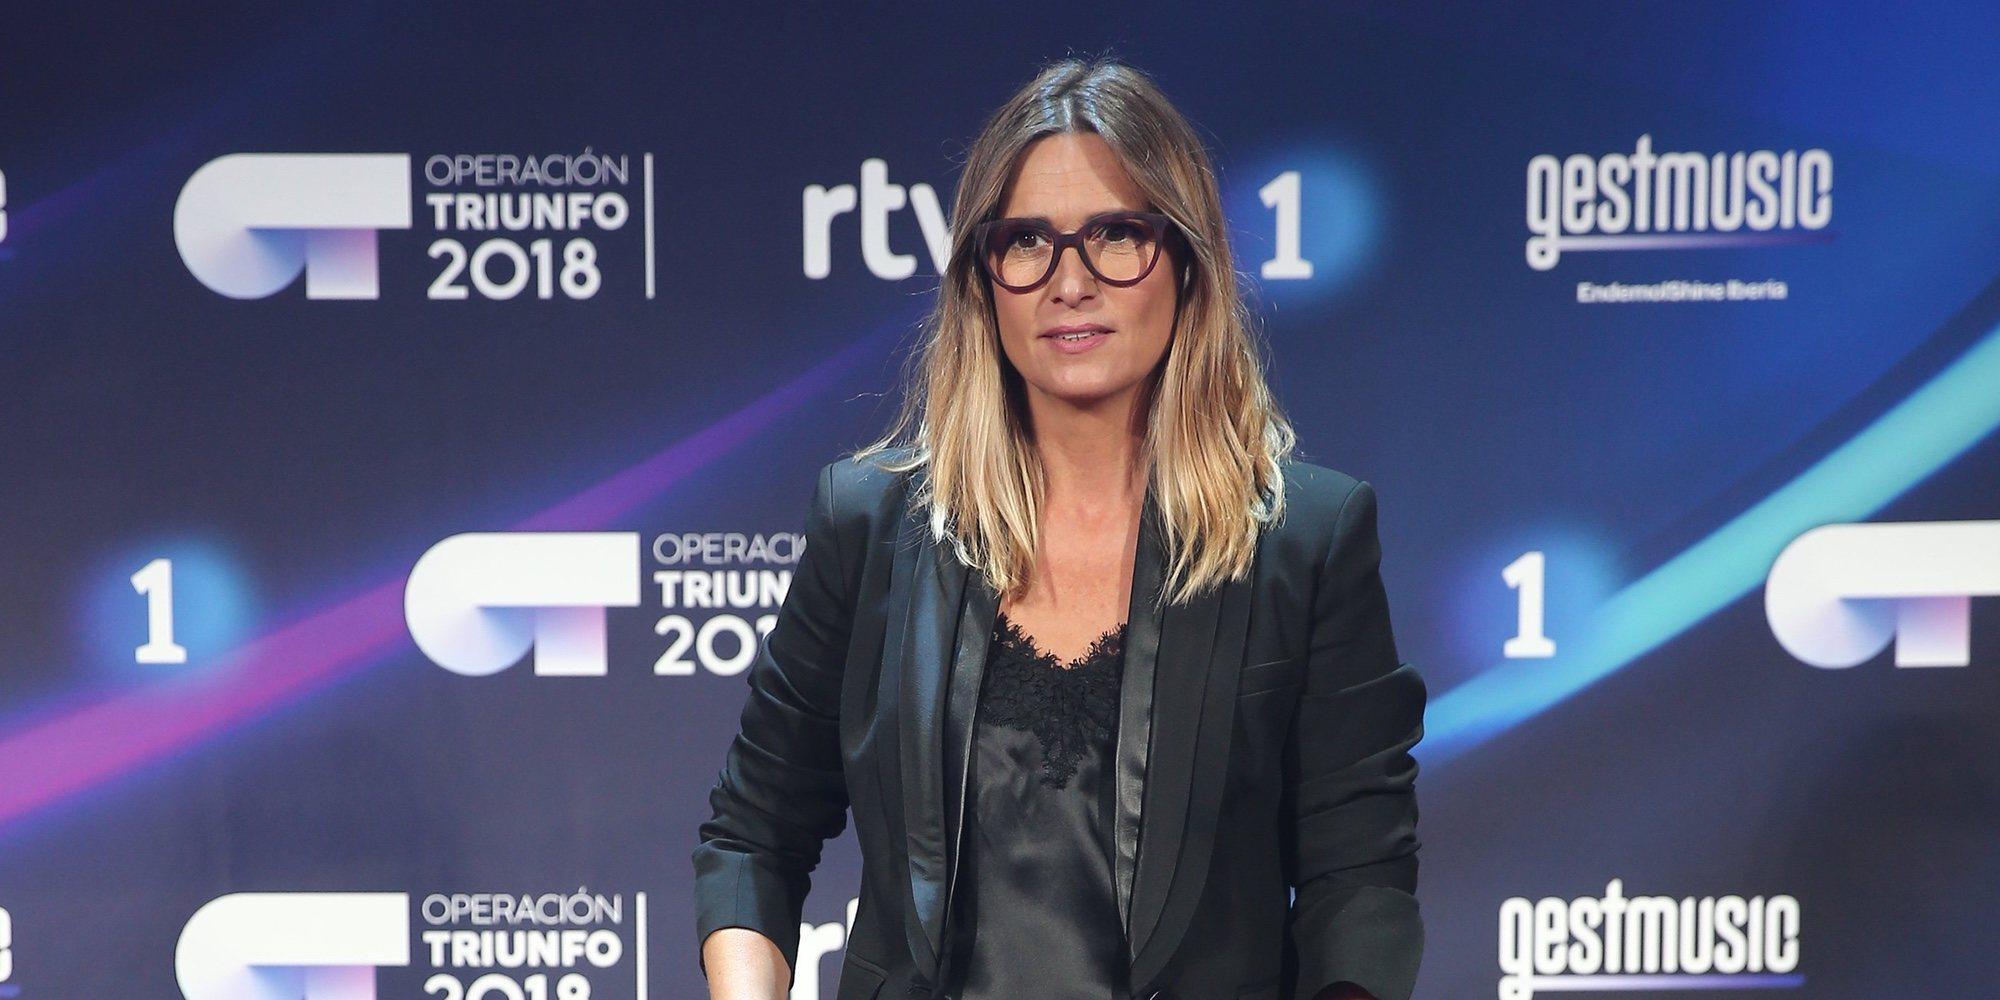 """El desafortunado comentario de Noemí Galera en 'OT 2018': """"Estoy bizca. Parezco Leticia Sabater"""""""